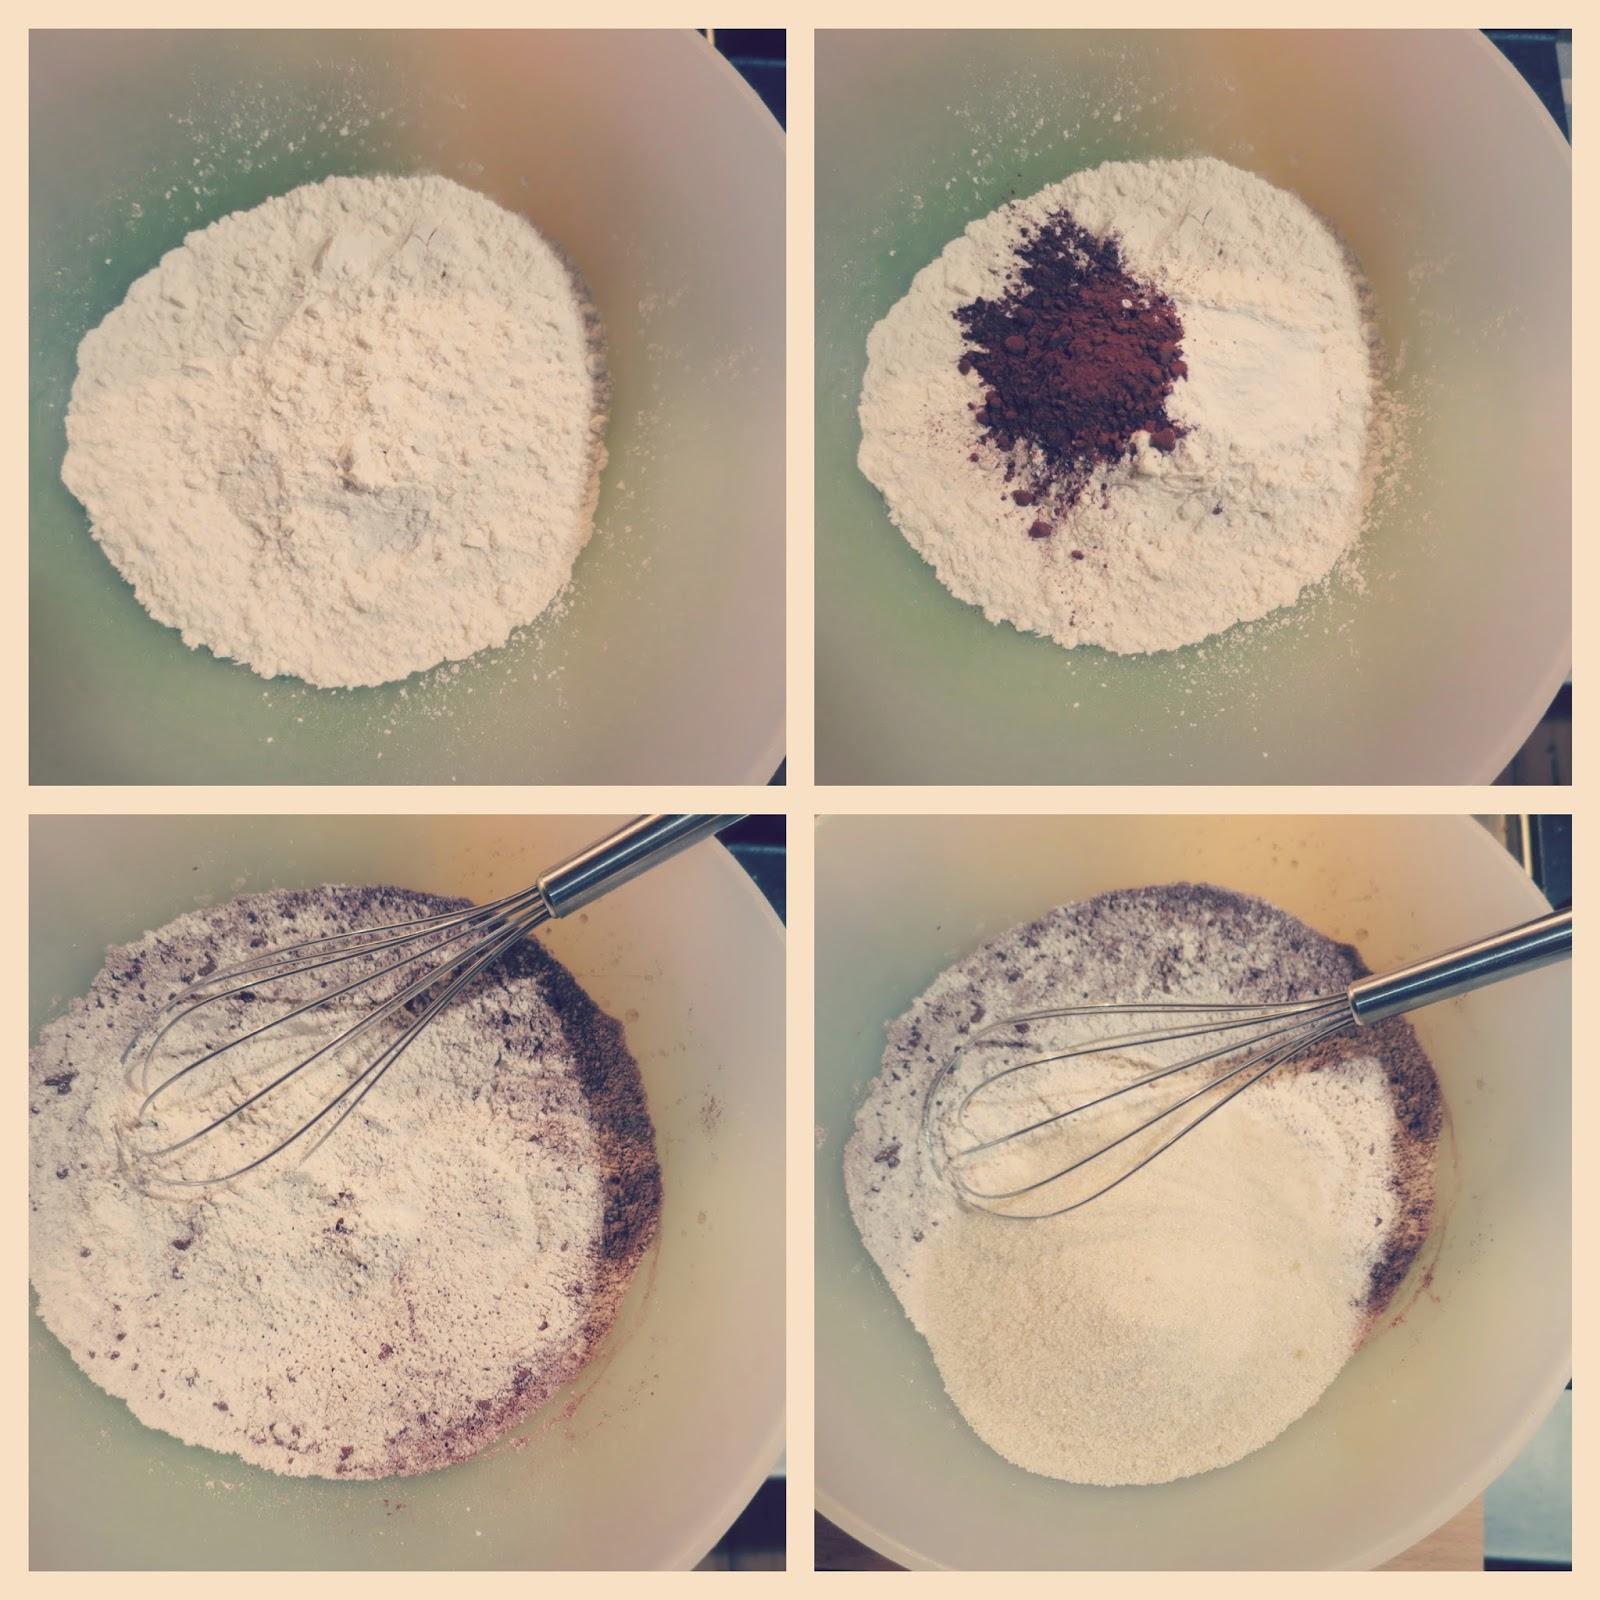 preparazione 1 brownies vegan